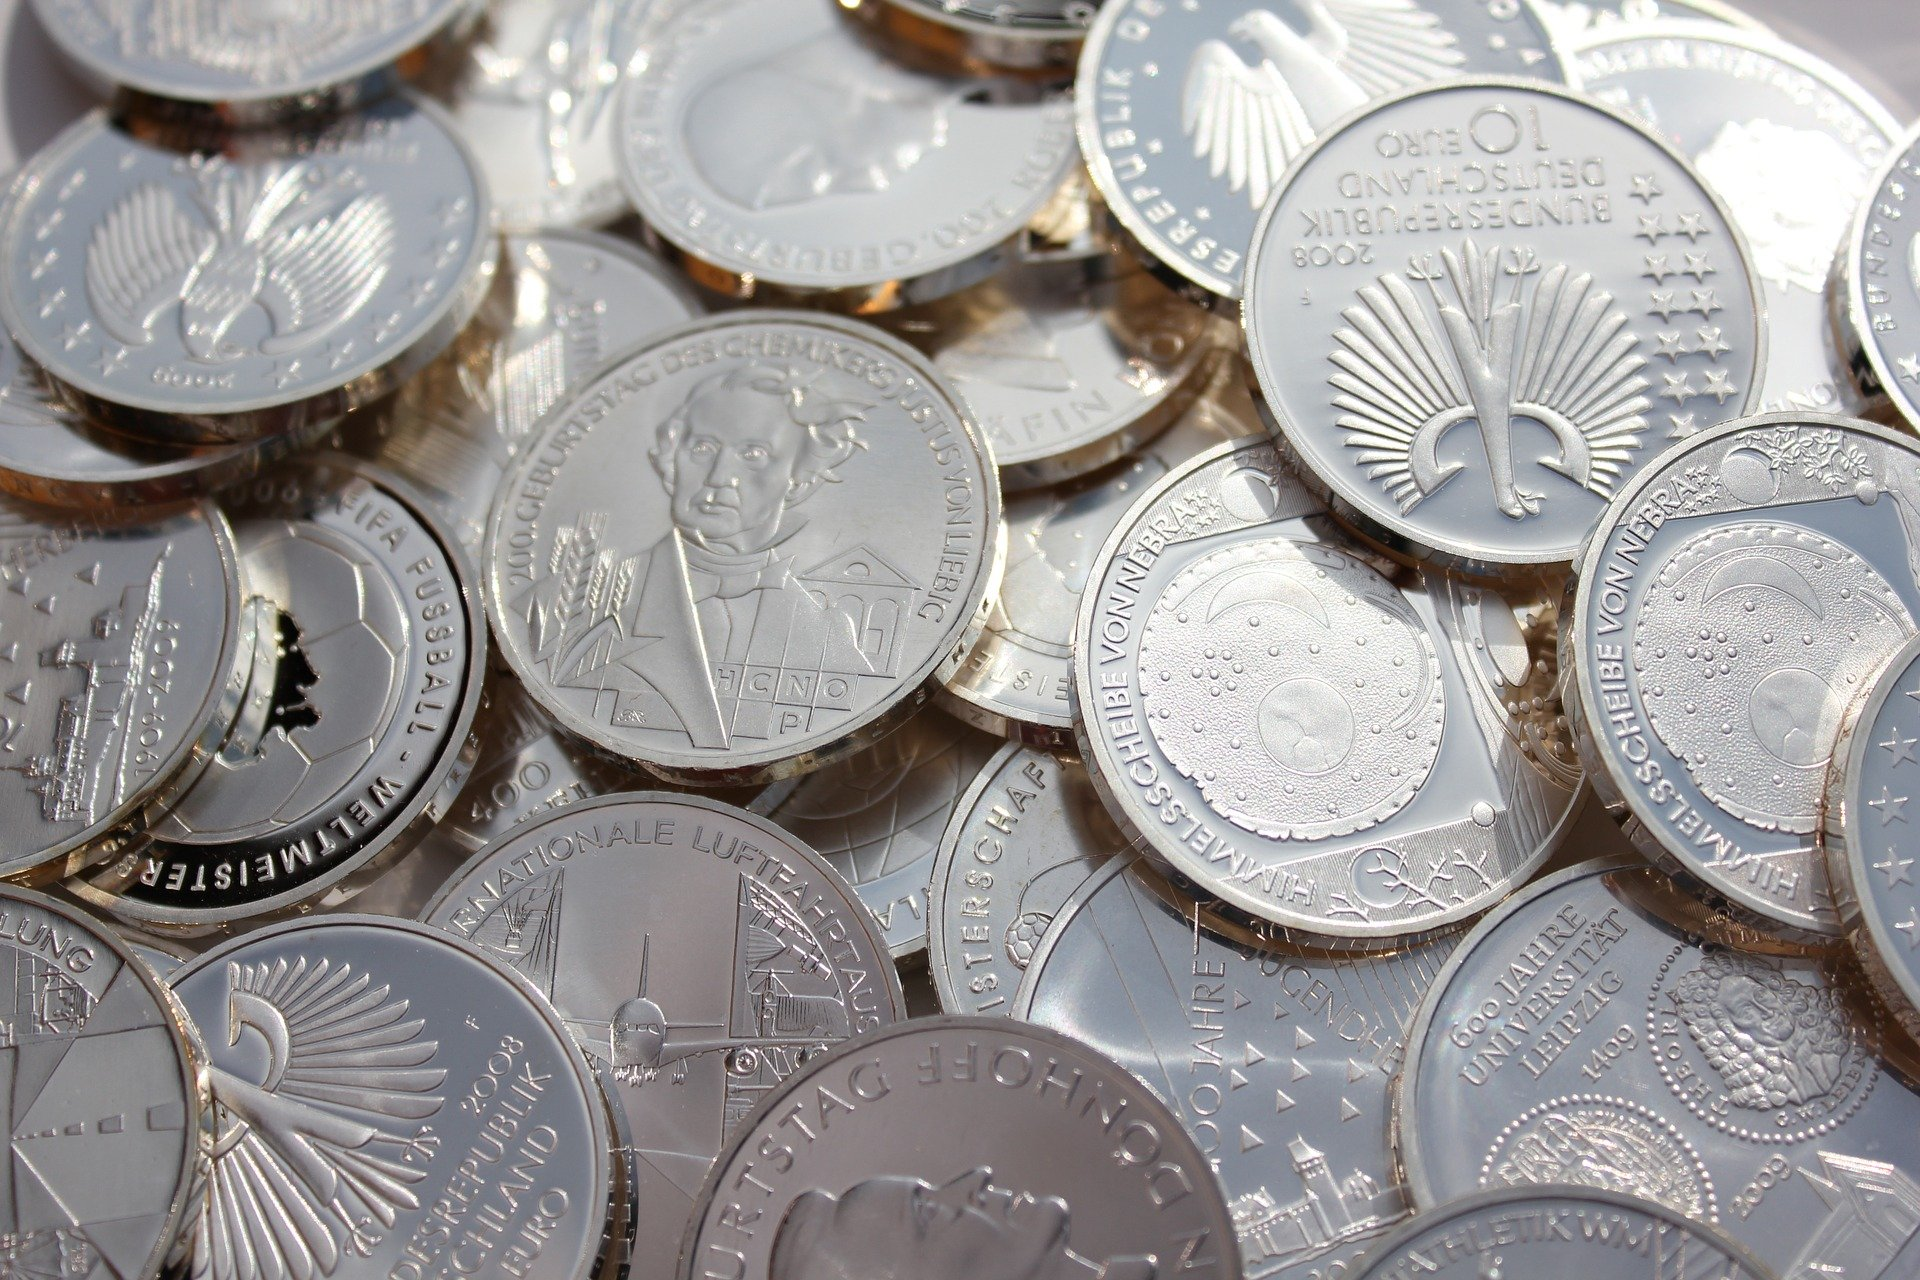 Współczesne srebrne monet również można dostać po cenie kruszcu jako junk silver.